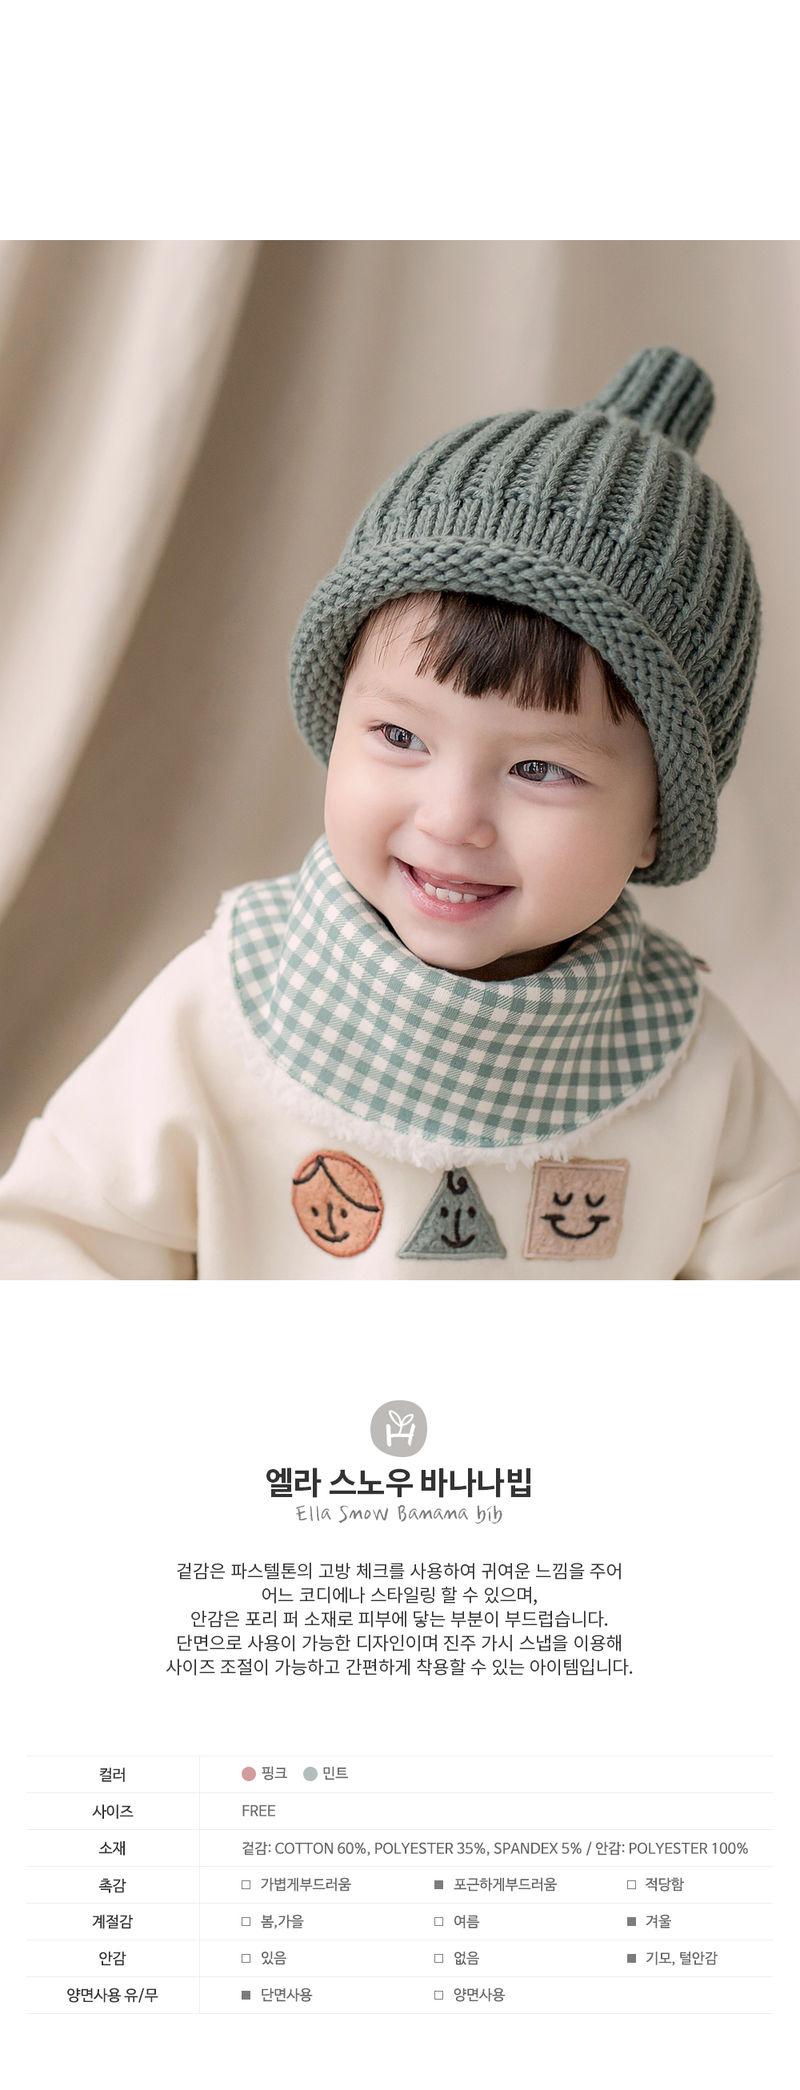 HAPPY PRINCE - Korean Children Fashion - #Kfashion4kids - Ella Snow Banana Bib